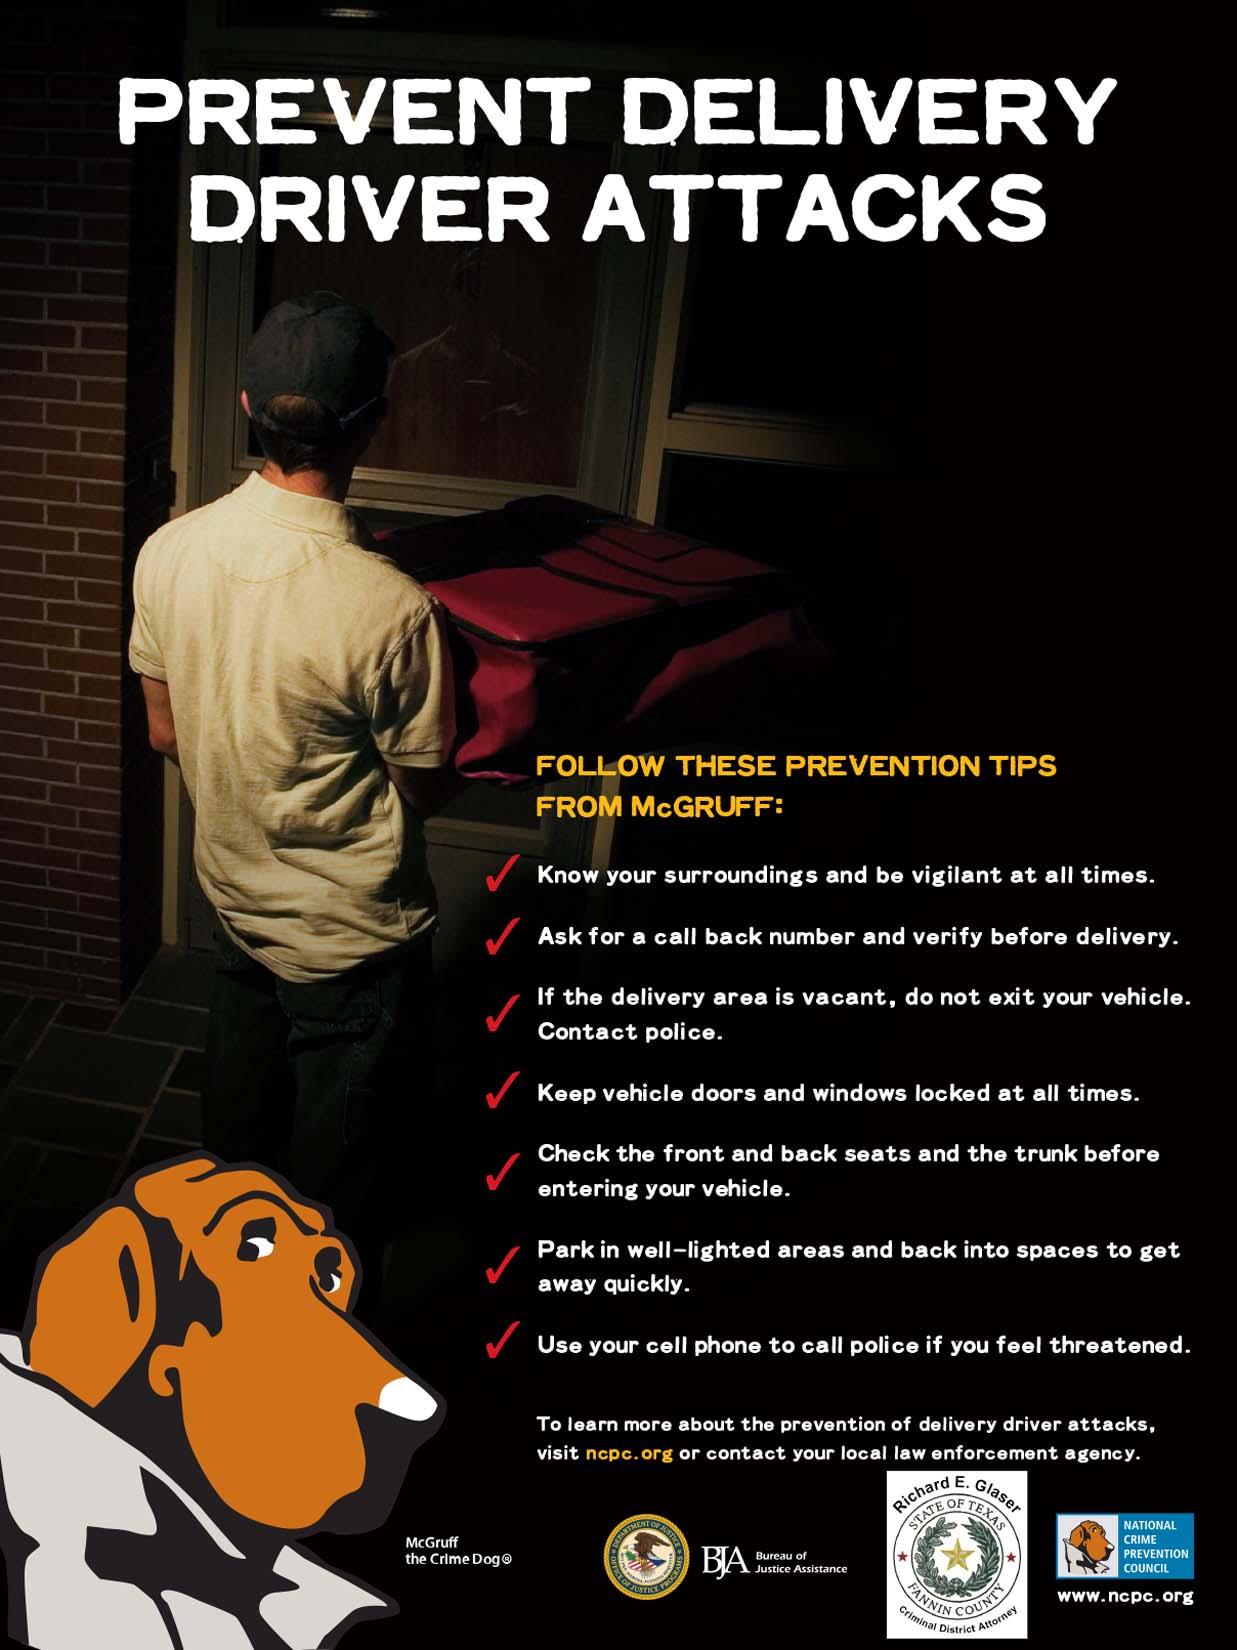 Prevent Delivery Attacks -- SI TRABAJA COMO REPARTIDOR, NO SE CONVIERTA EN VÍCTIMA